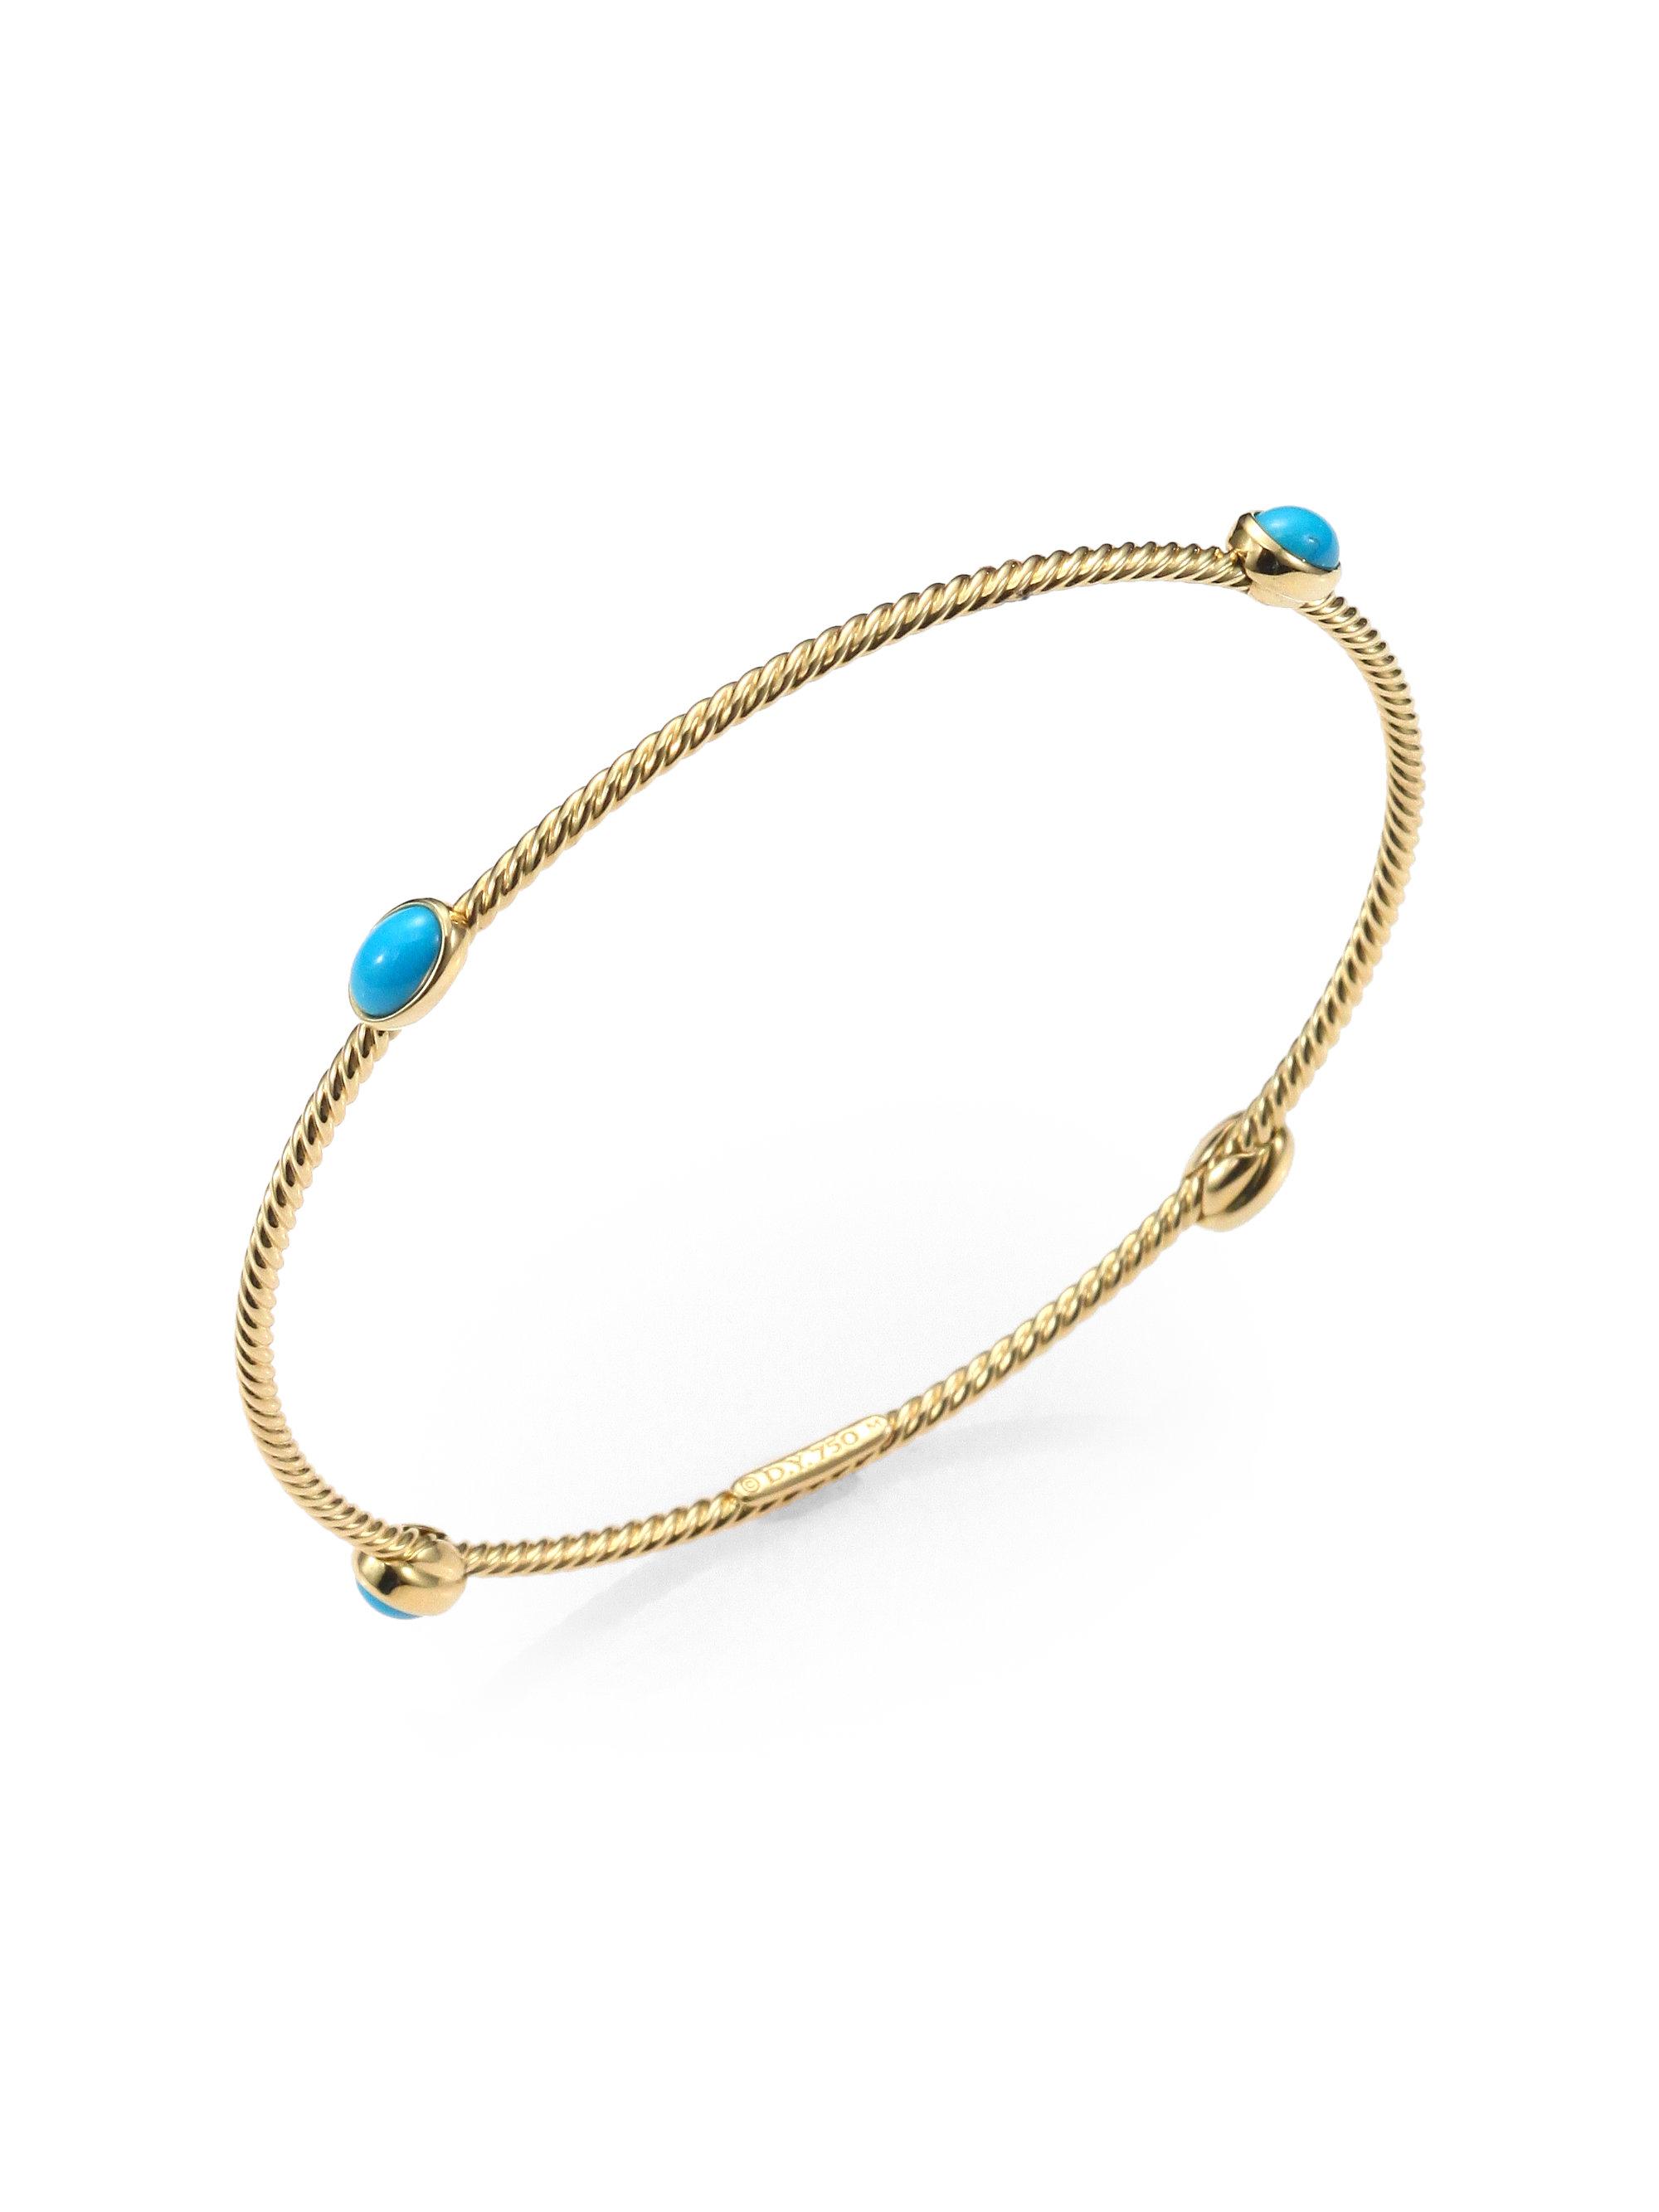 david yurman turquoise 18k gold bangle bracelet in gold. Black Bedroom Furniture Sets. Home Design Ideas